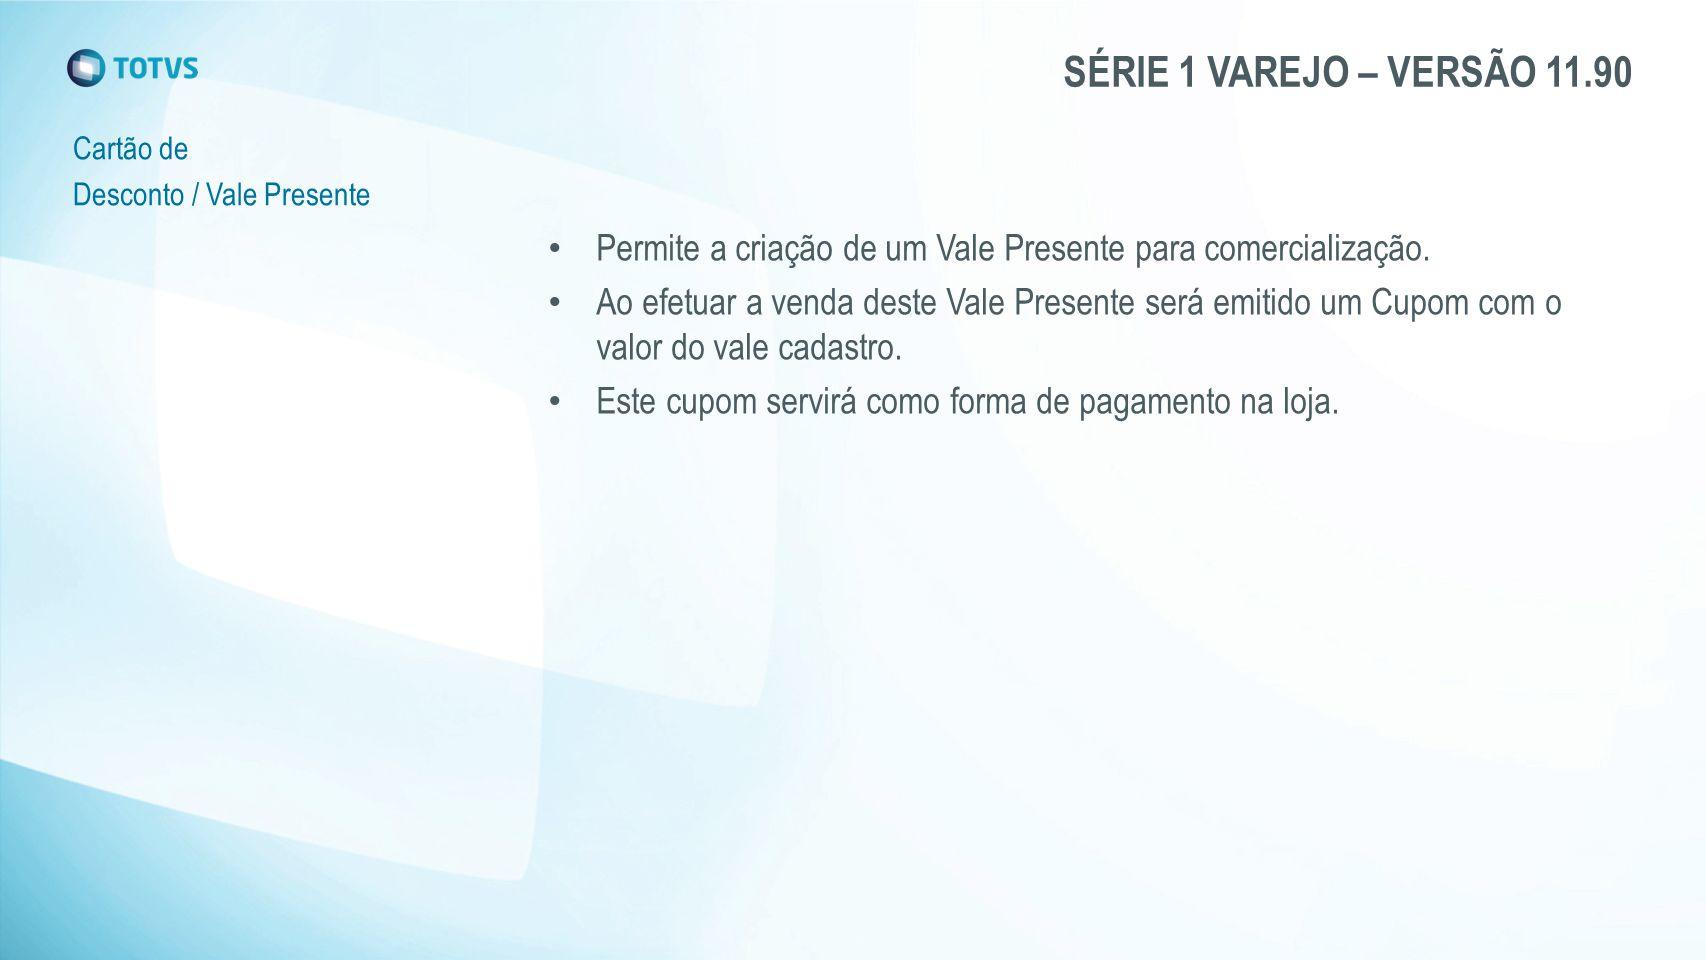 SÉRIE 1 VAREJO – VERSÃO 11.90 Cartão de Desconto / Vale Presente Permite a criação de um Vale Presente para comercialização.